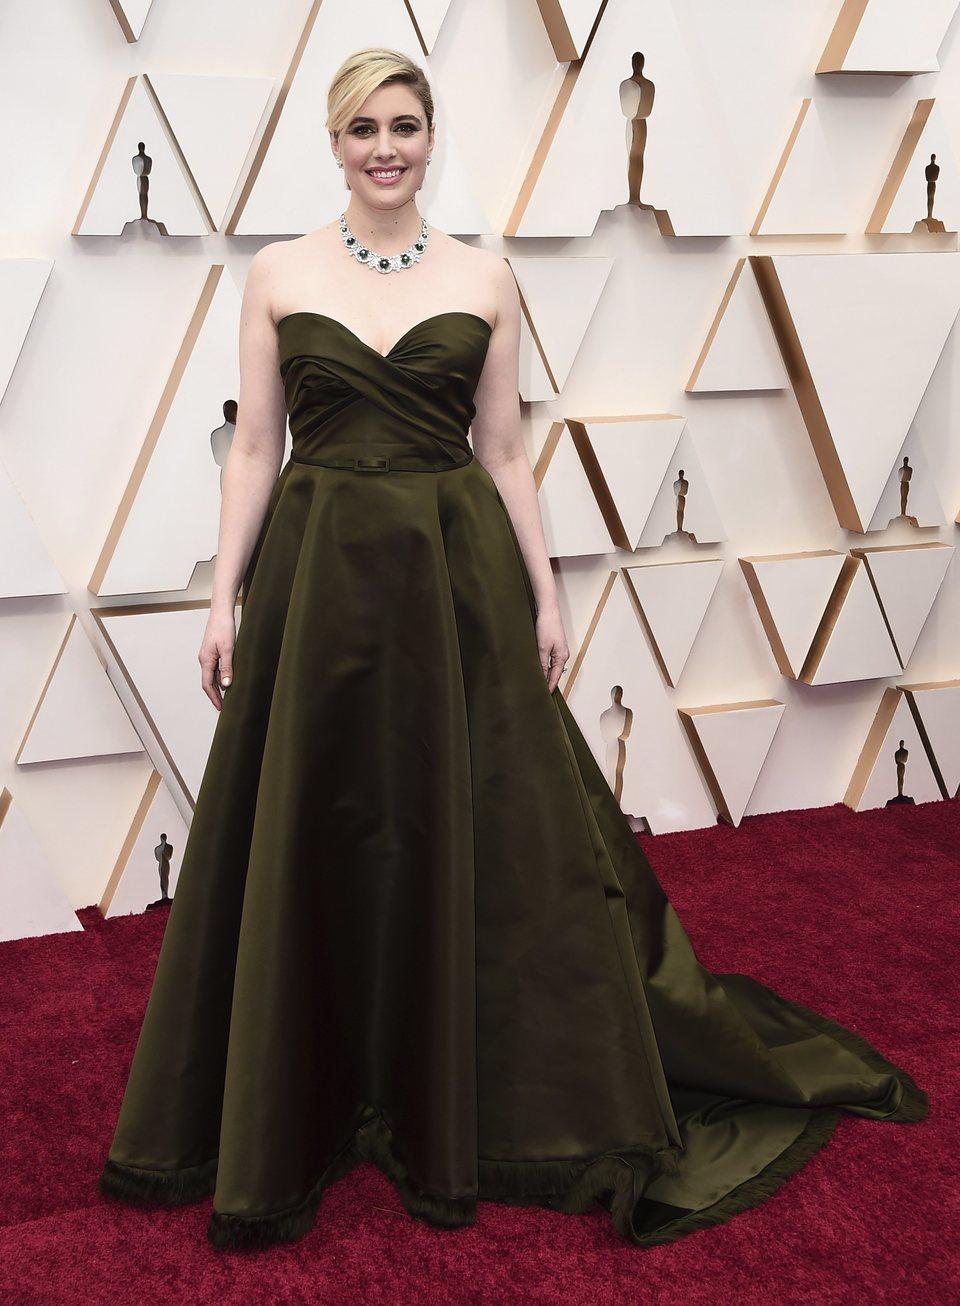 Greta Gerwig at the Oscar 2020 red carpet